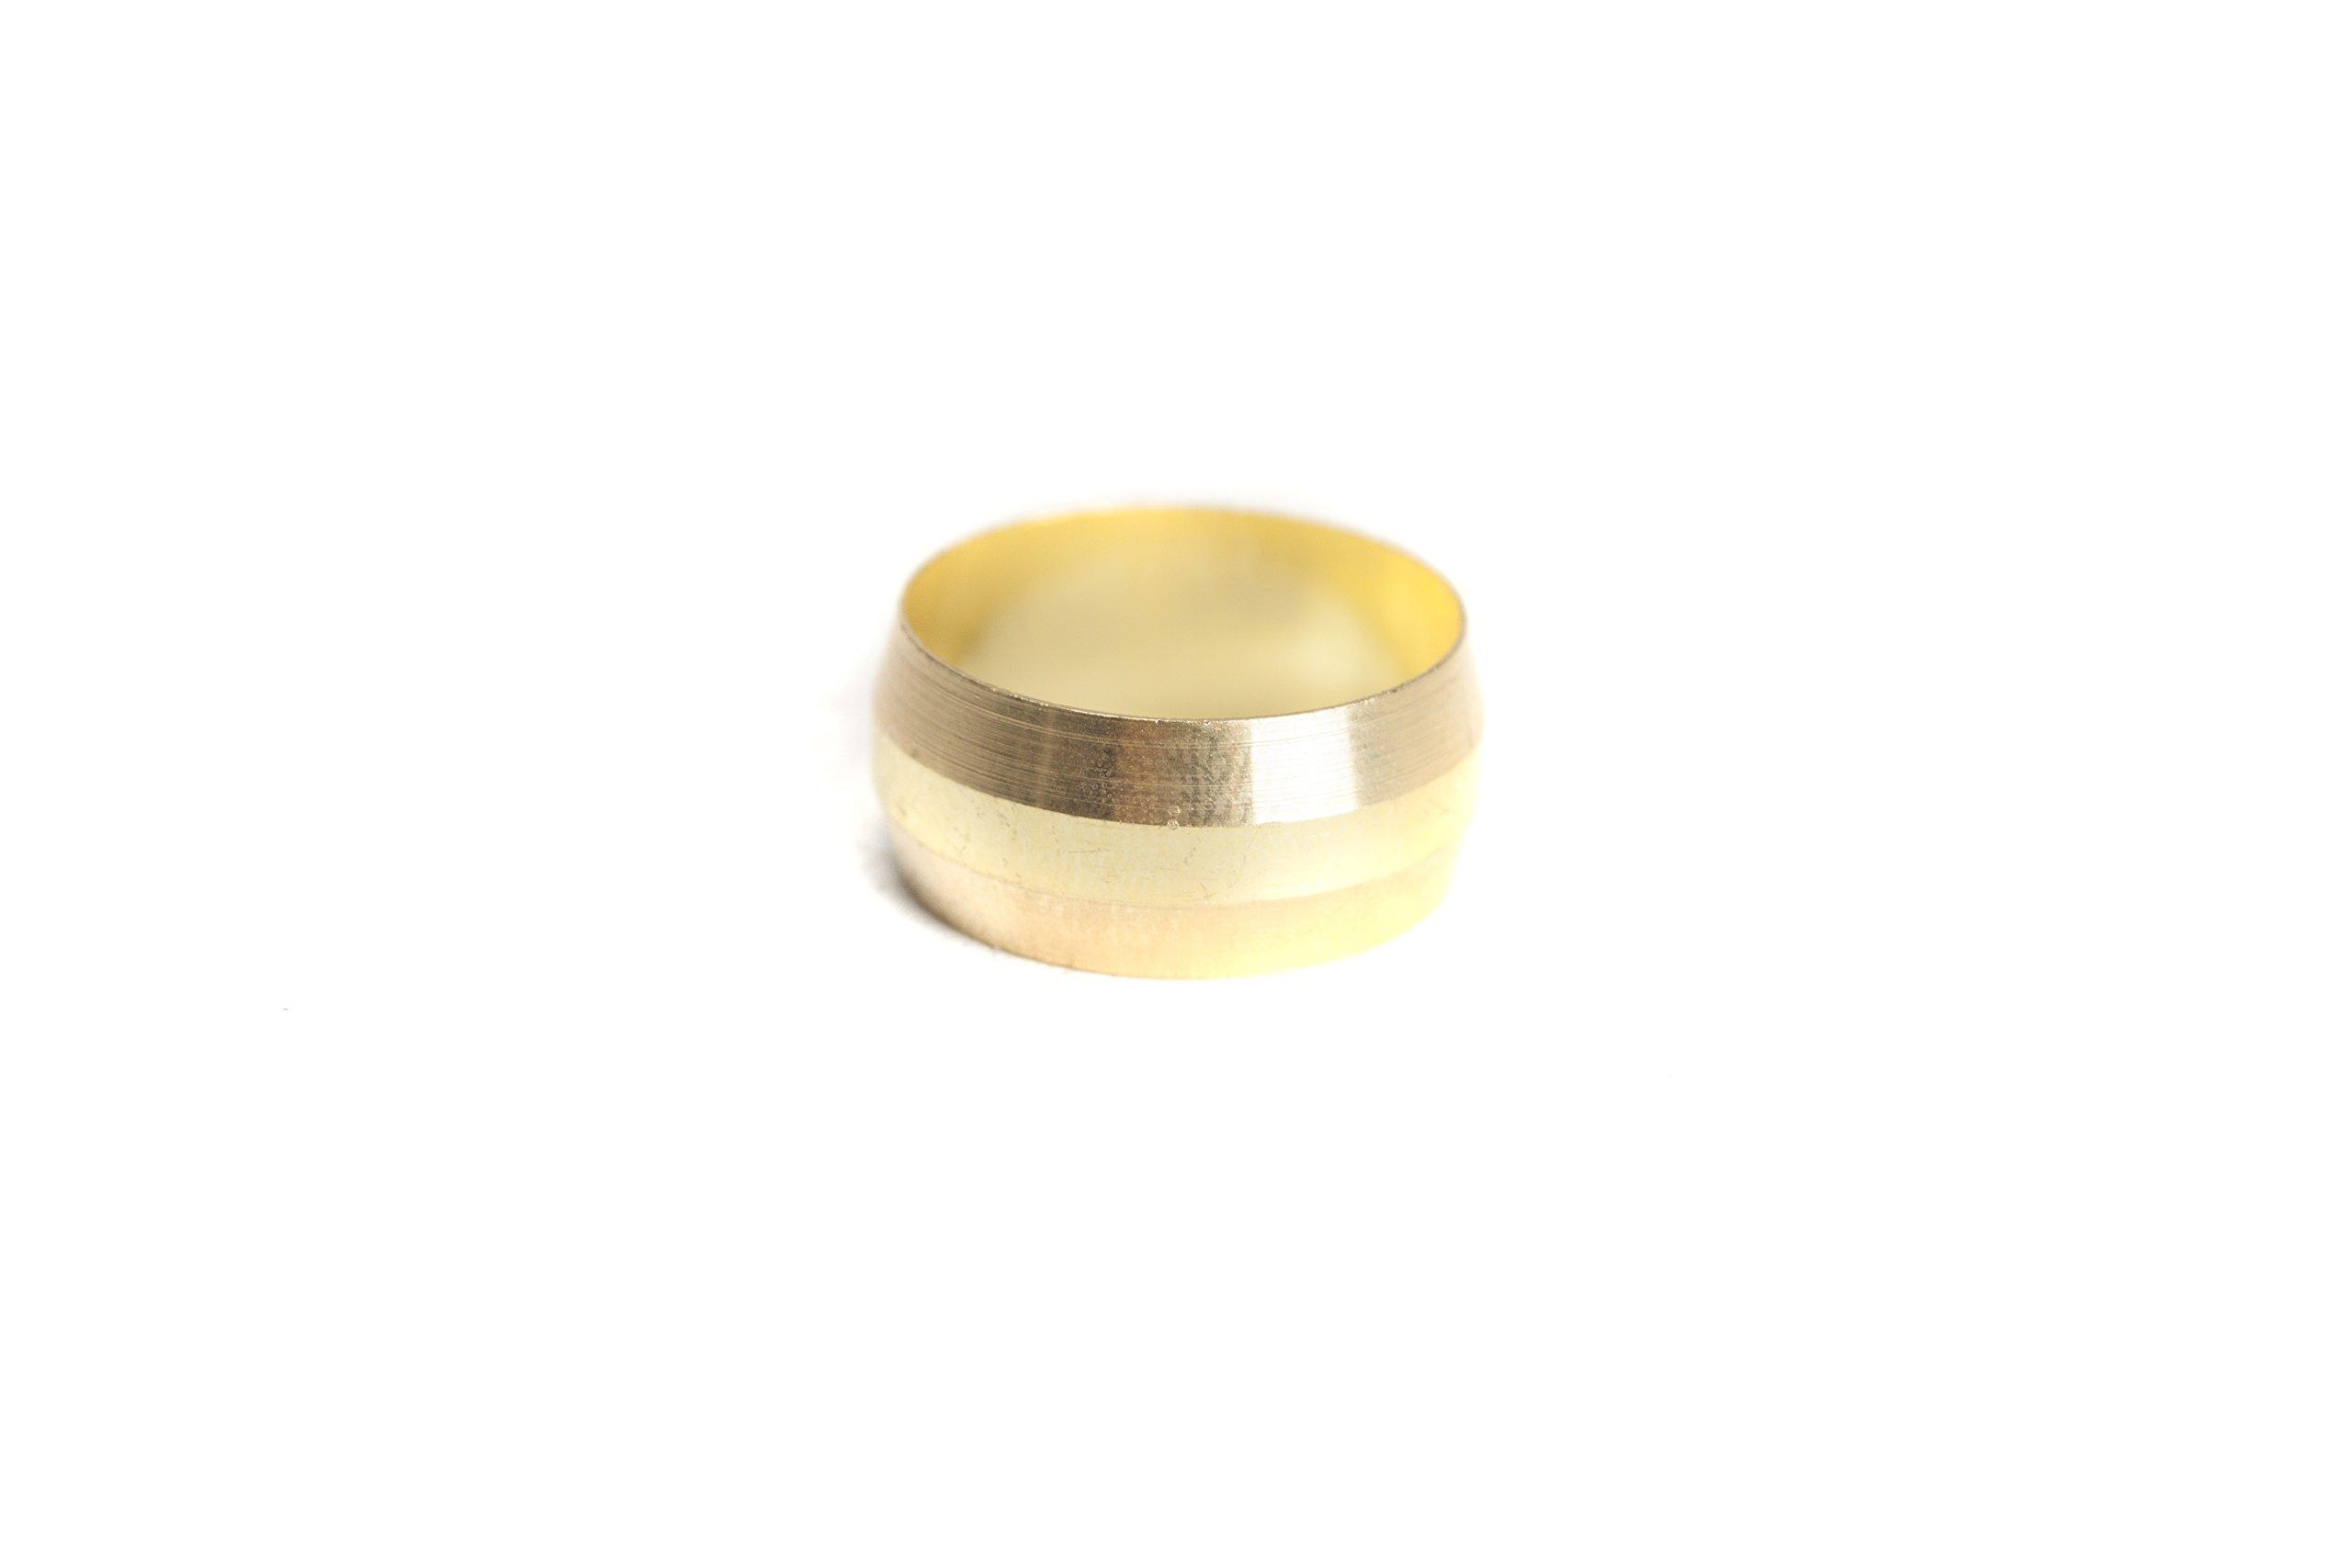 LTWFITTING 5/8'' Brass Compression Sleeves Ferrels ,BRASS COMPRESSION FITTING(Pack of 50) by LTWFITTING (Image #1)